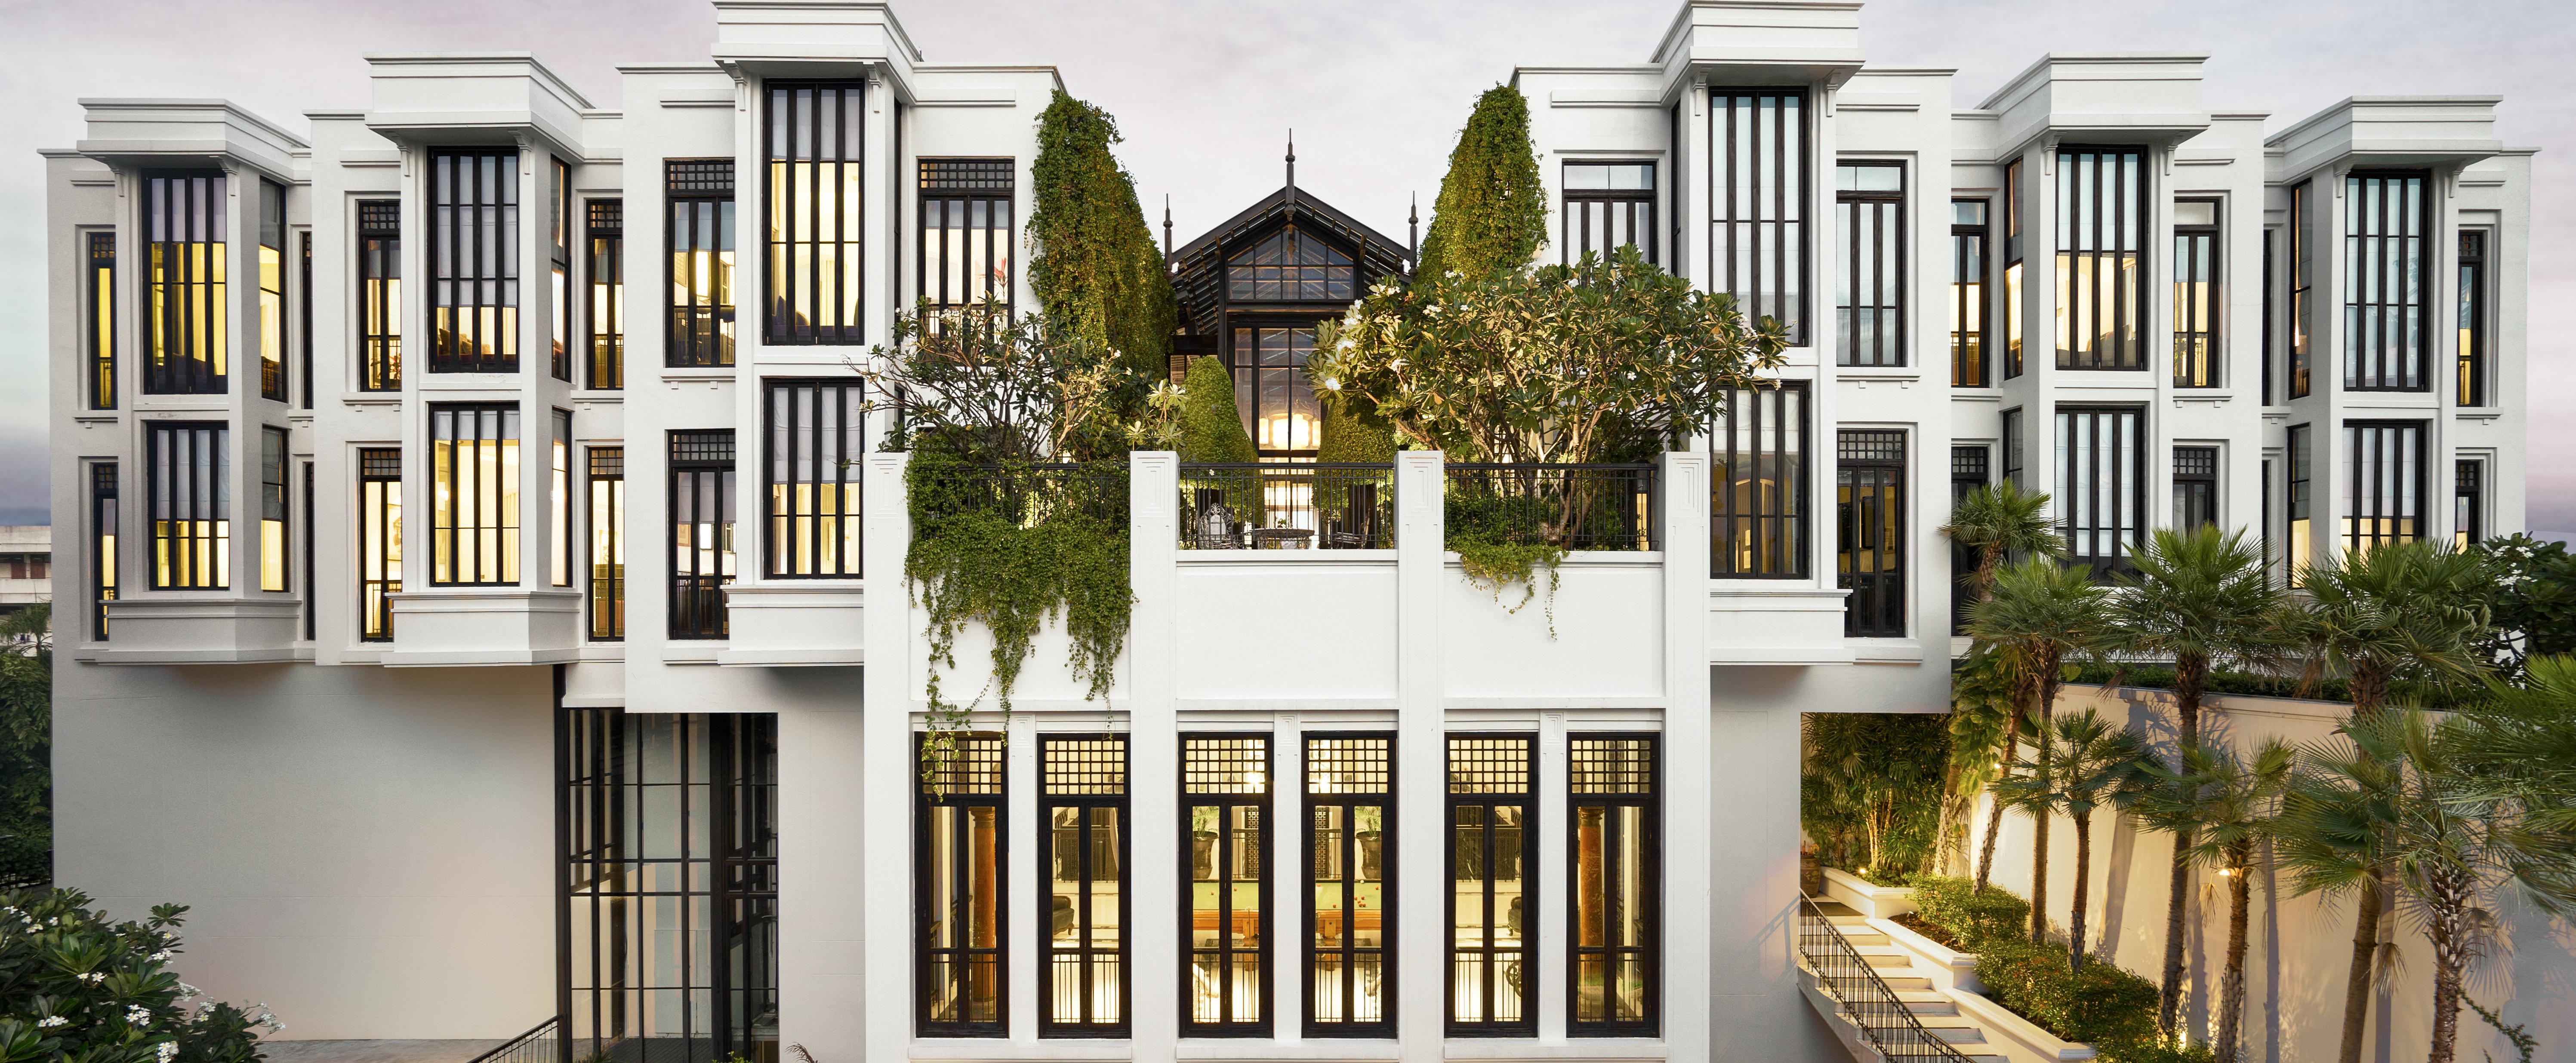 The-siam-hotel-bangkok-facade